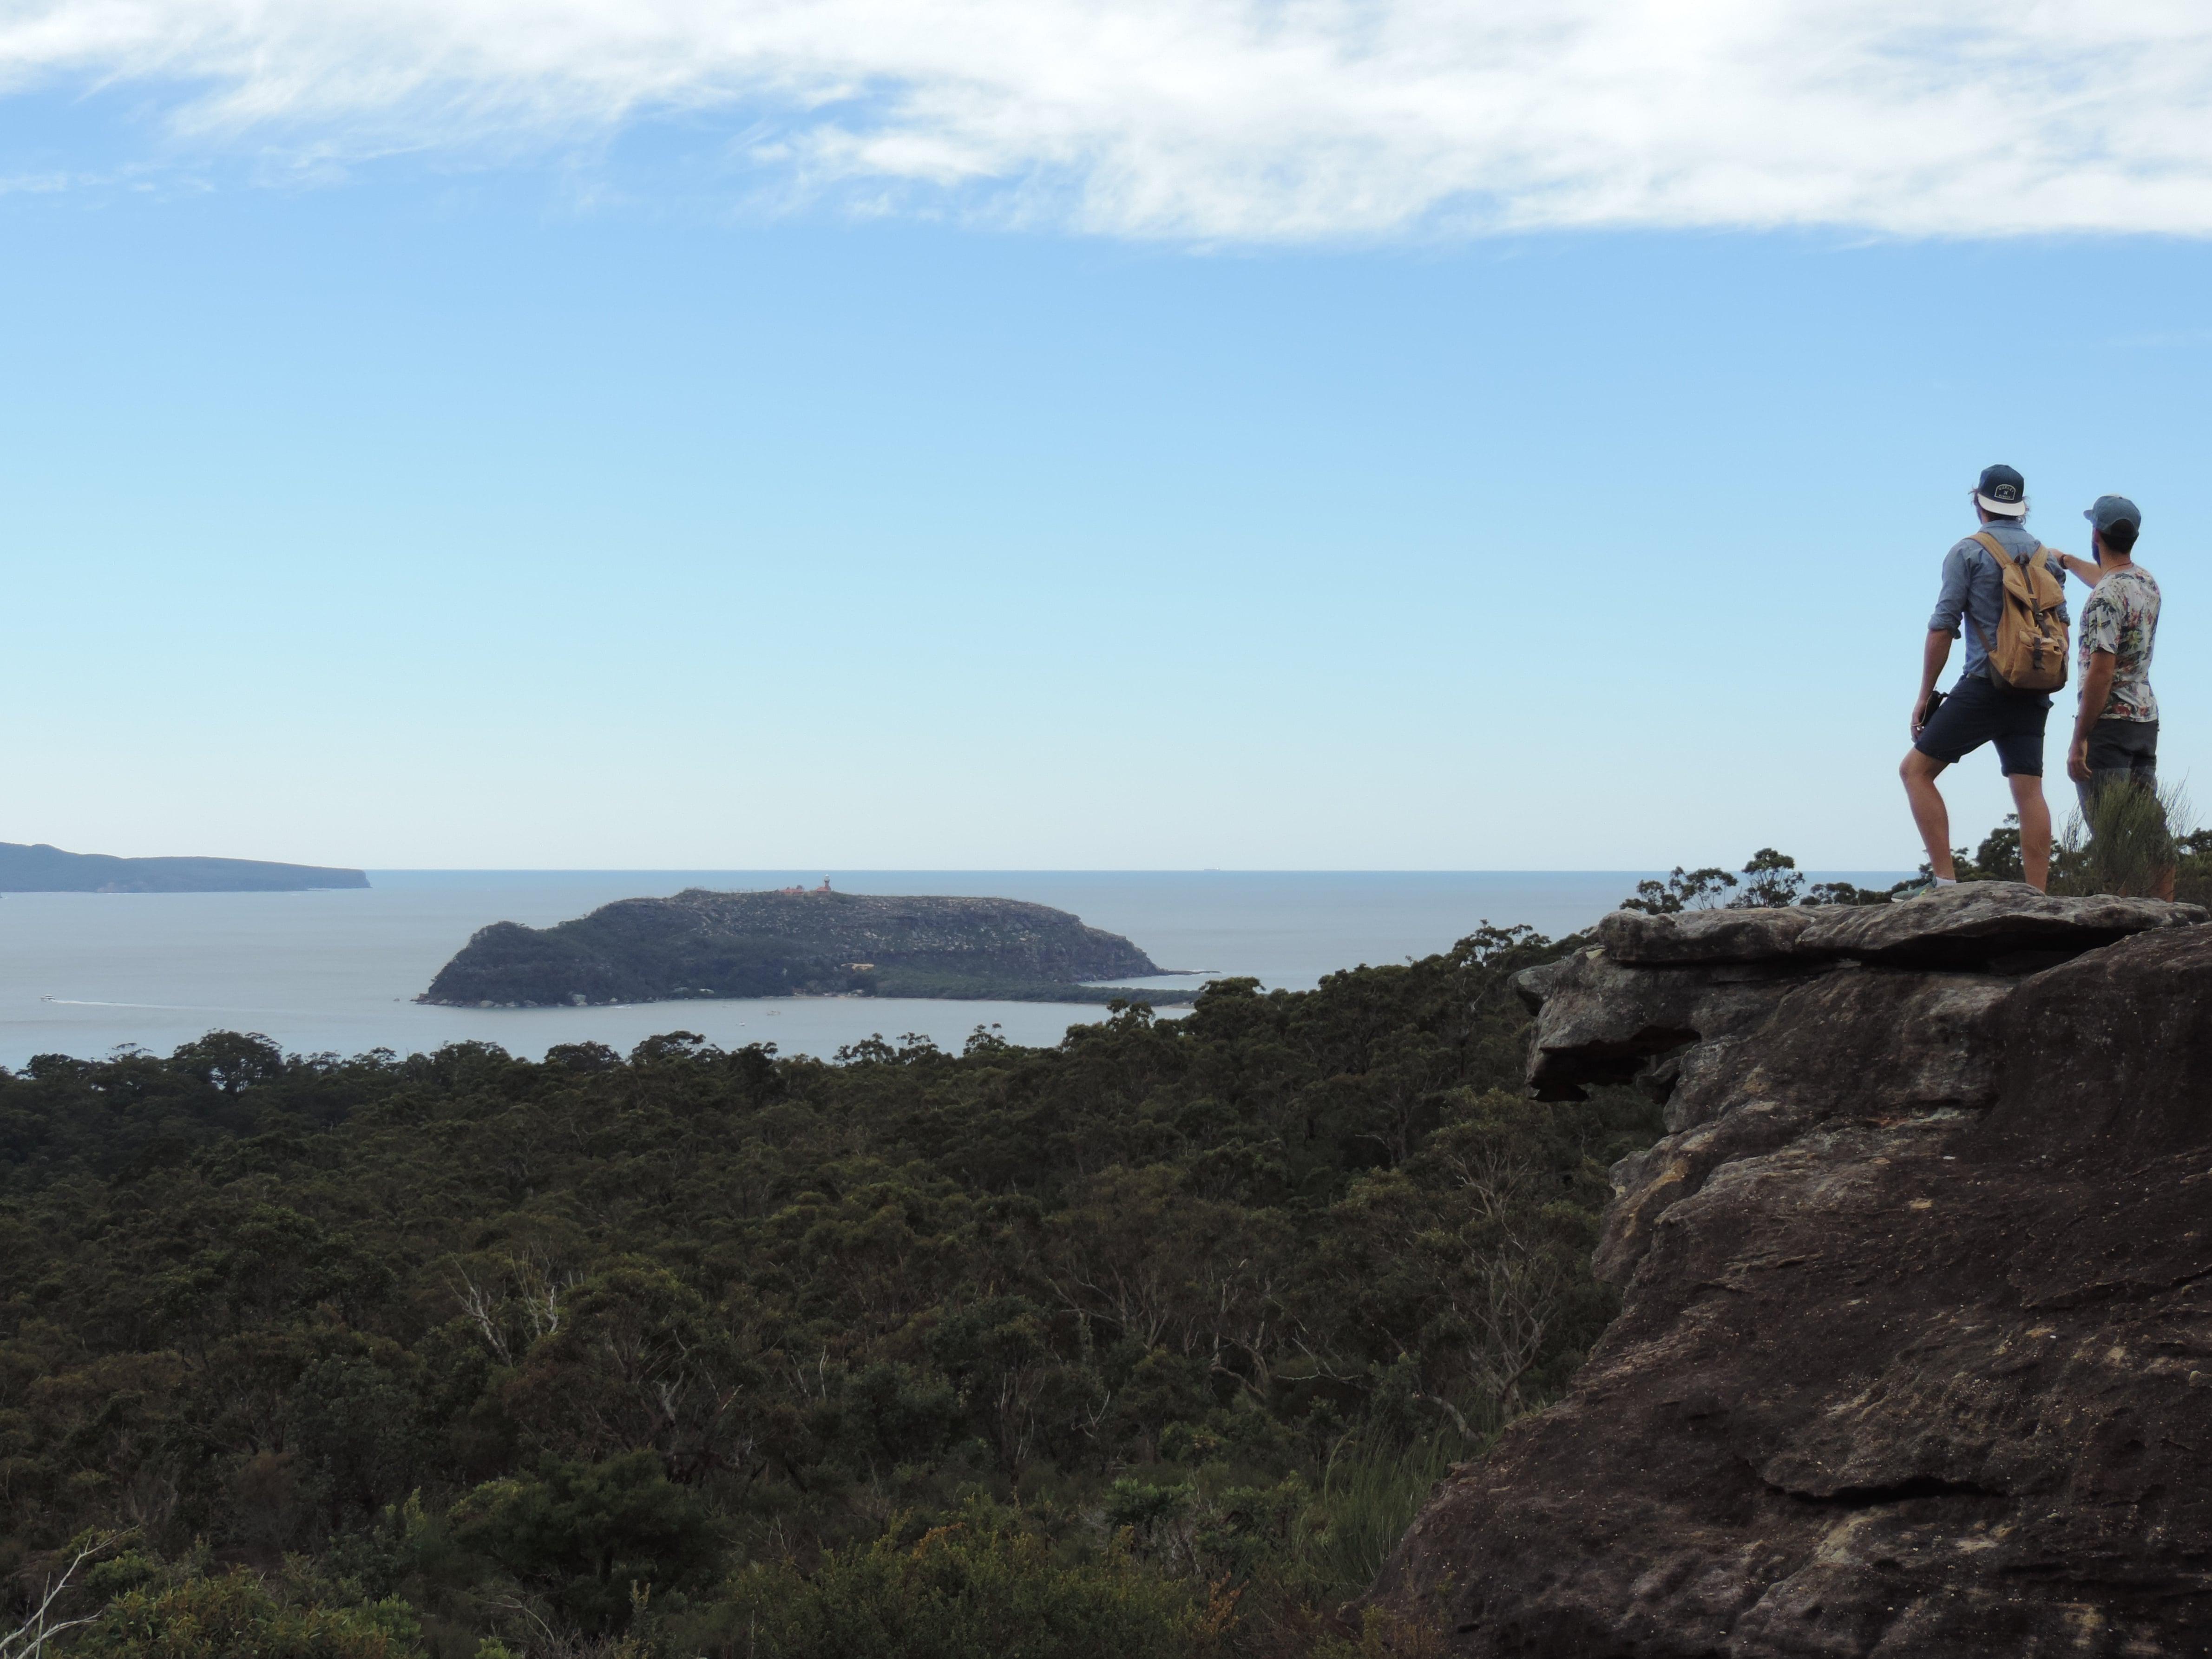 Qué ver cerca de Sídney (Australia)